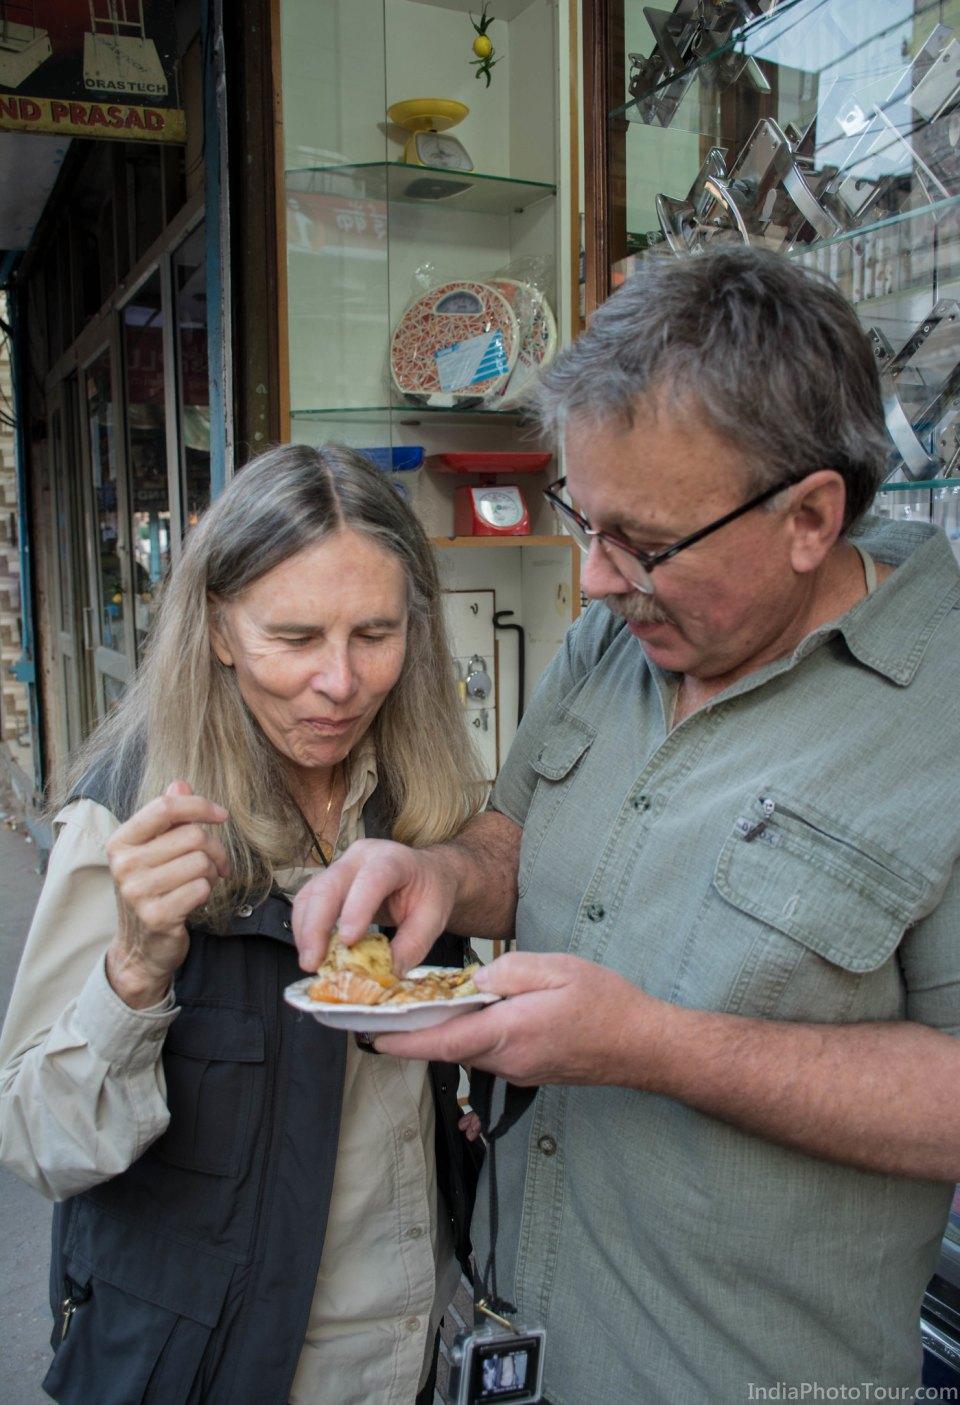 Tasting Kulia Ki Chaat in Chawri Bazar